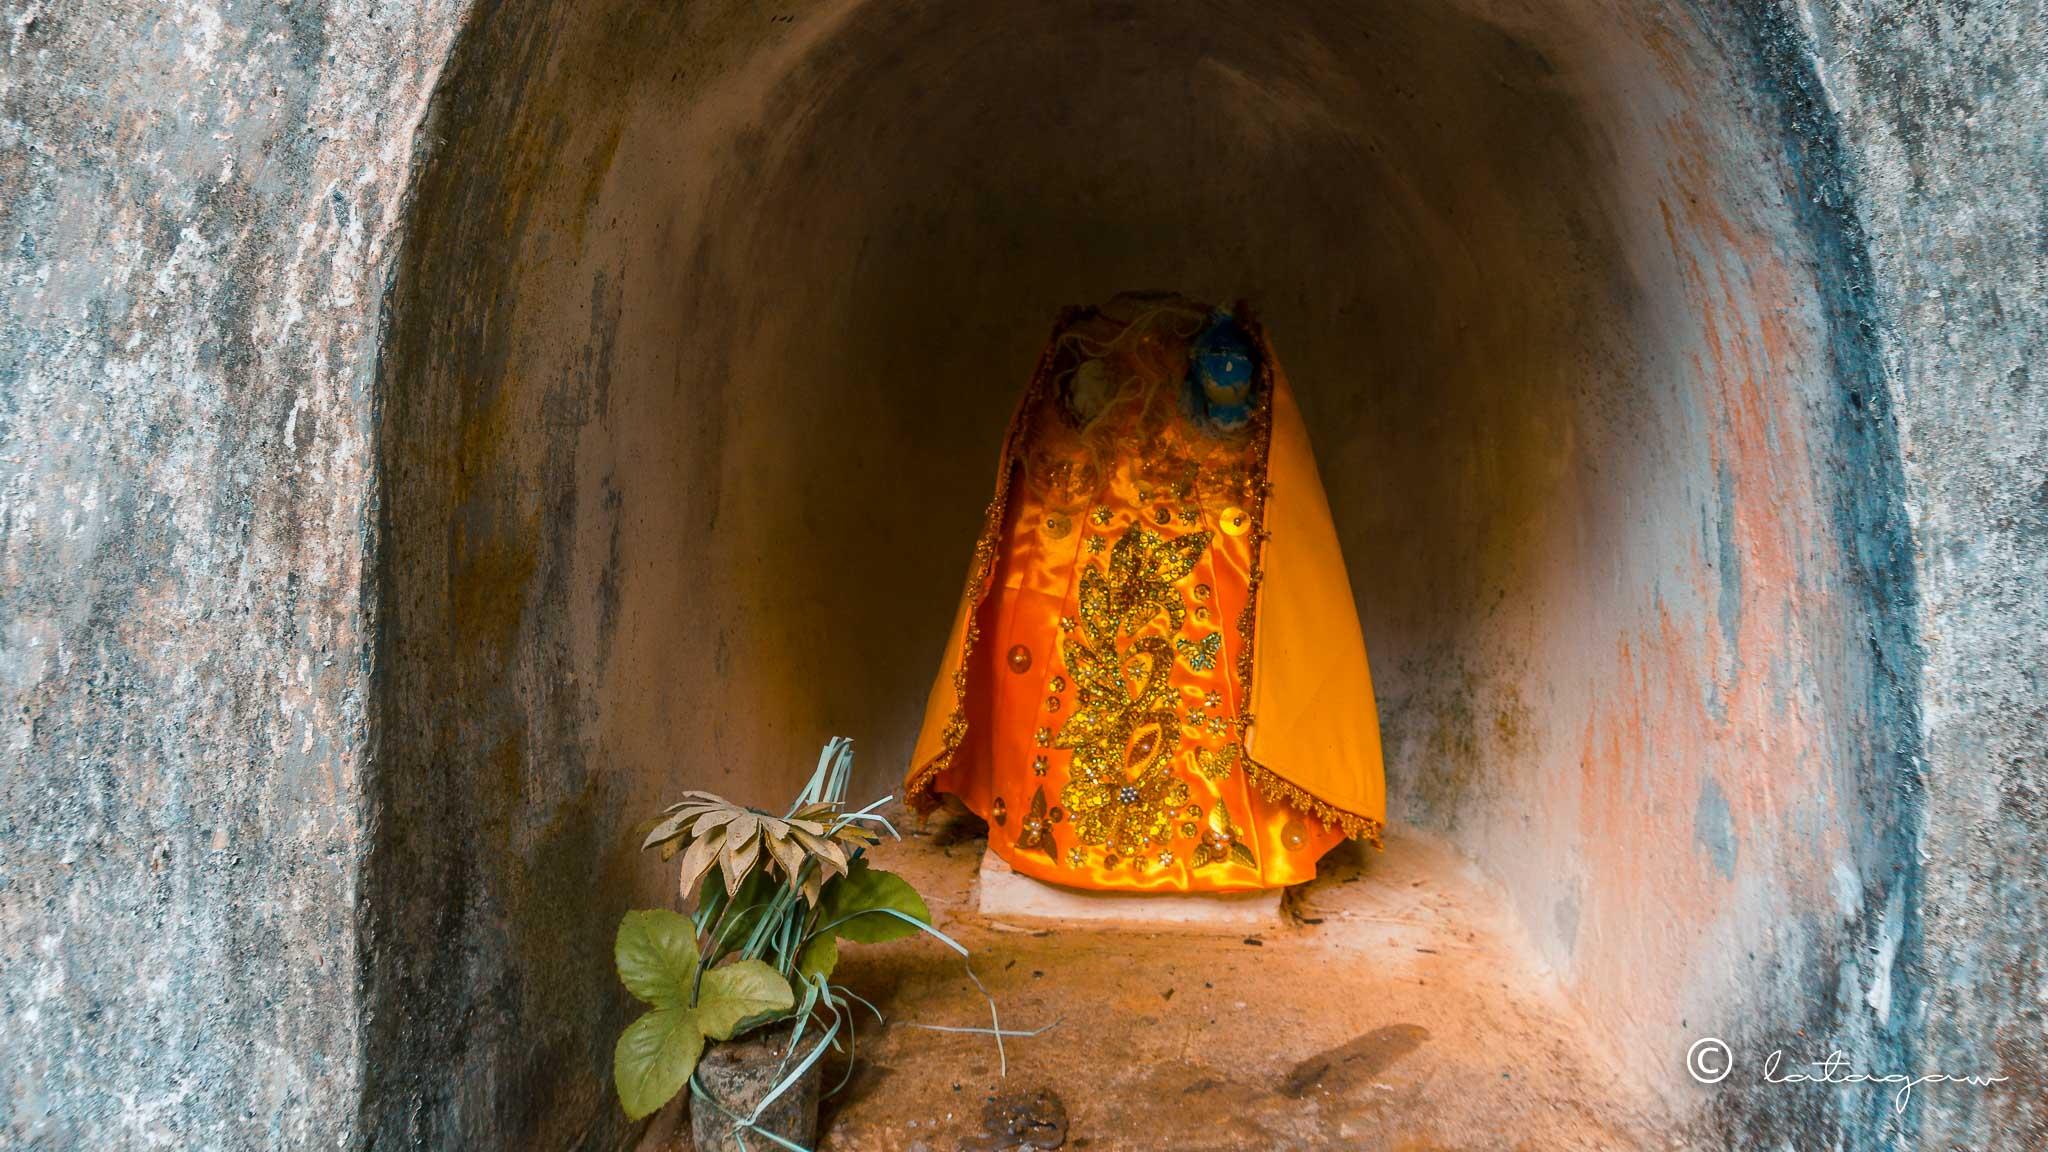 headless santo nino barobo surigao del sur philippines